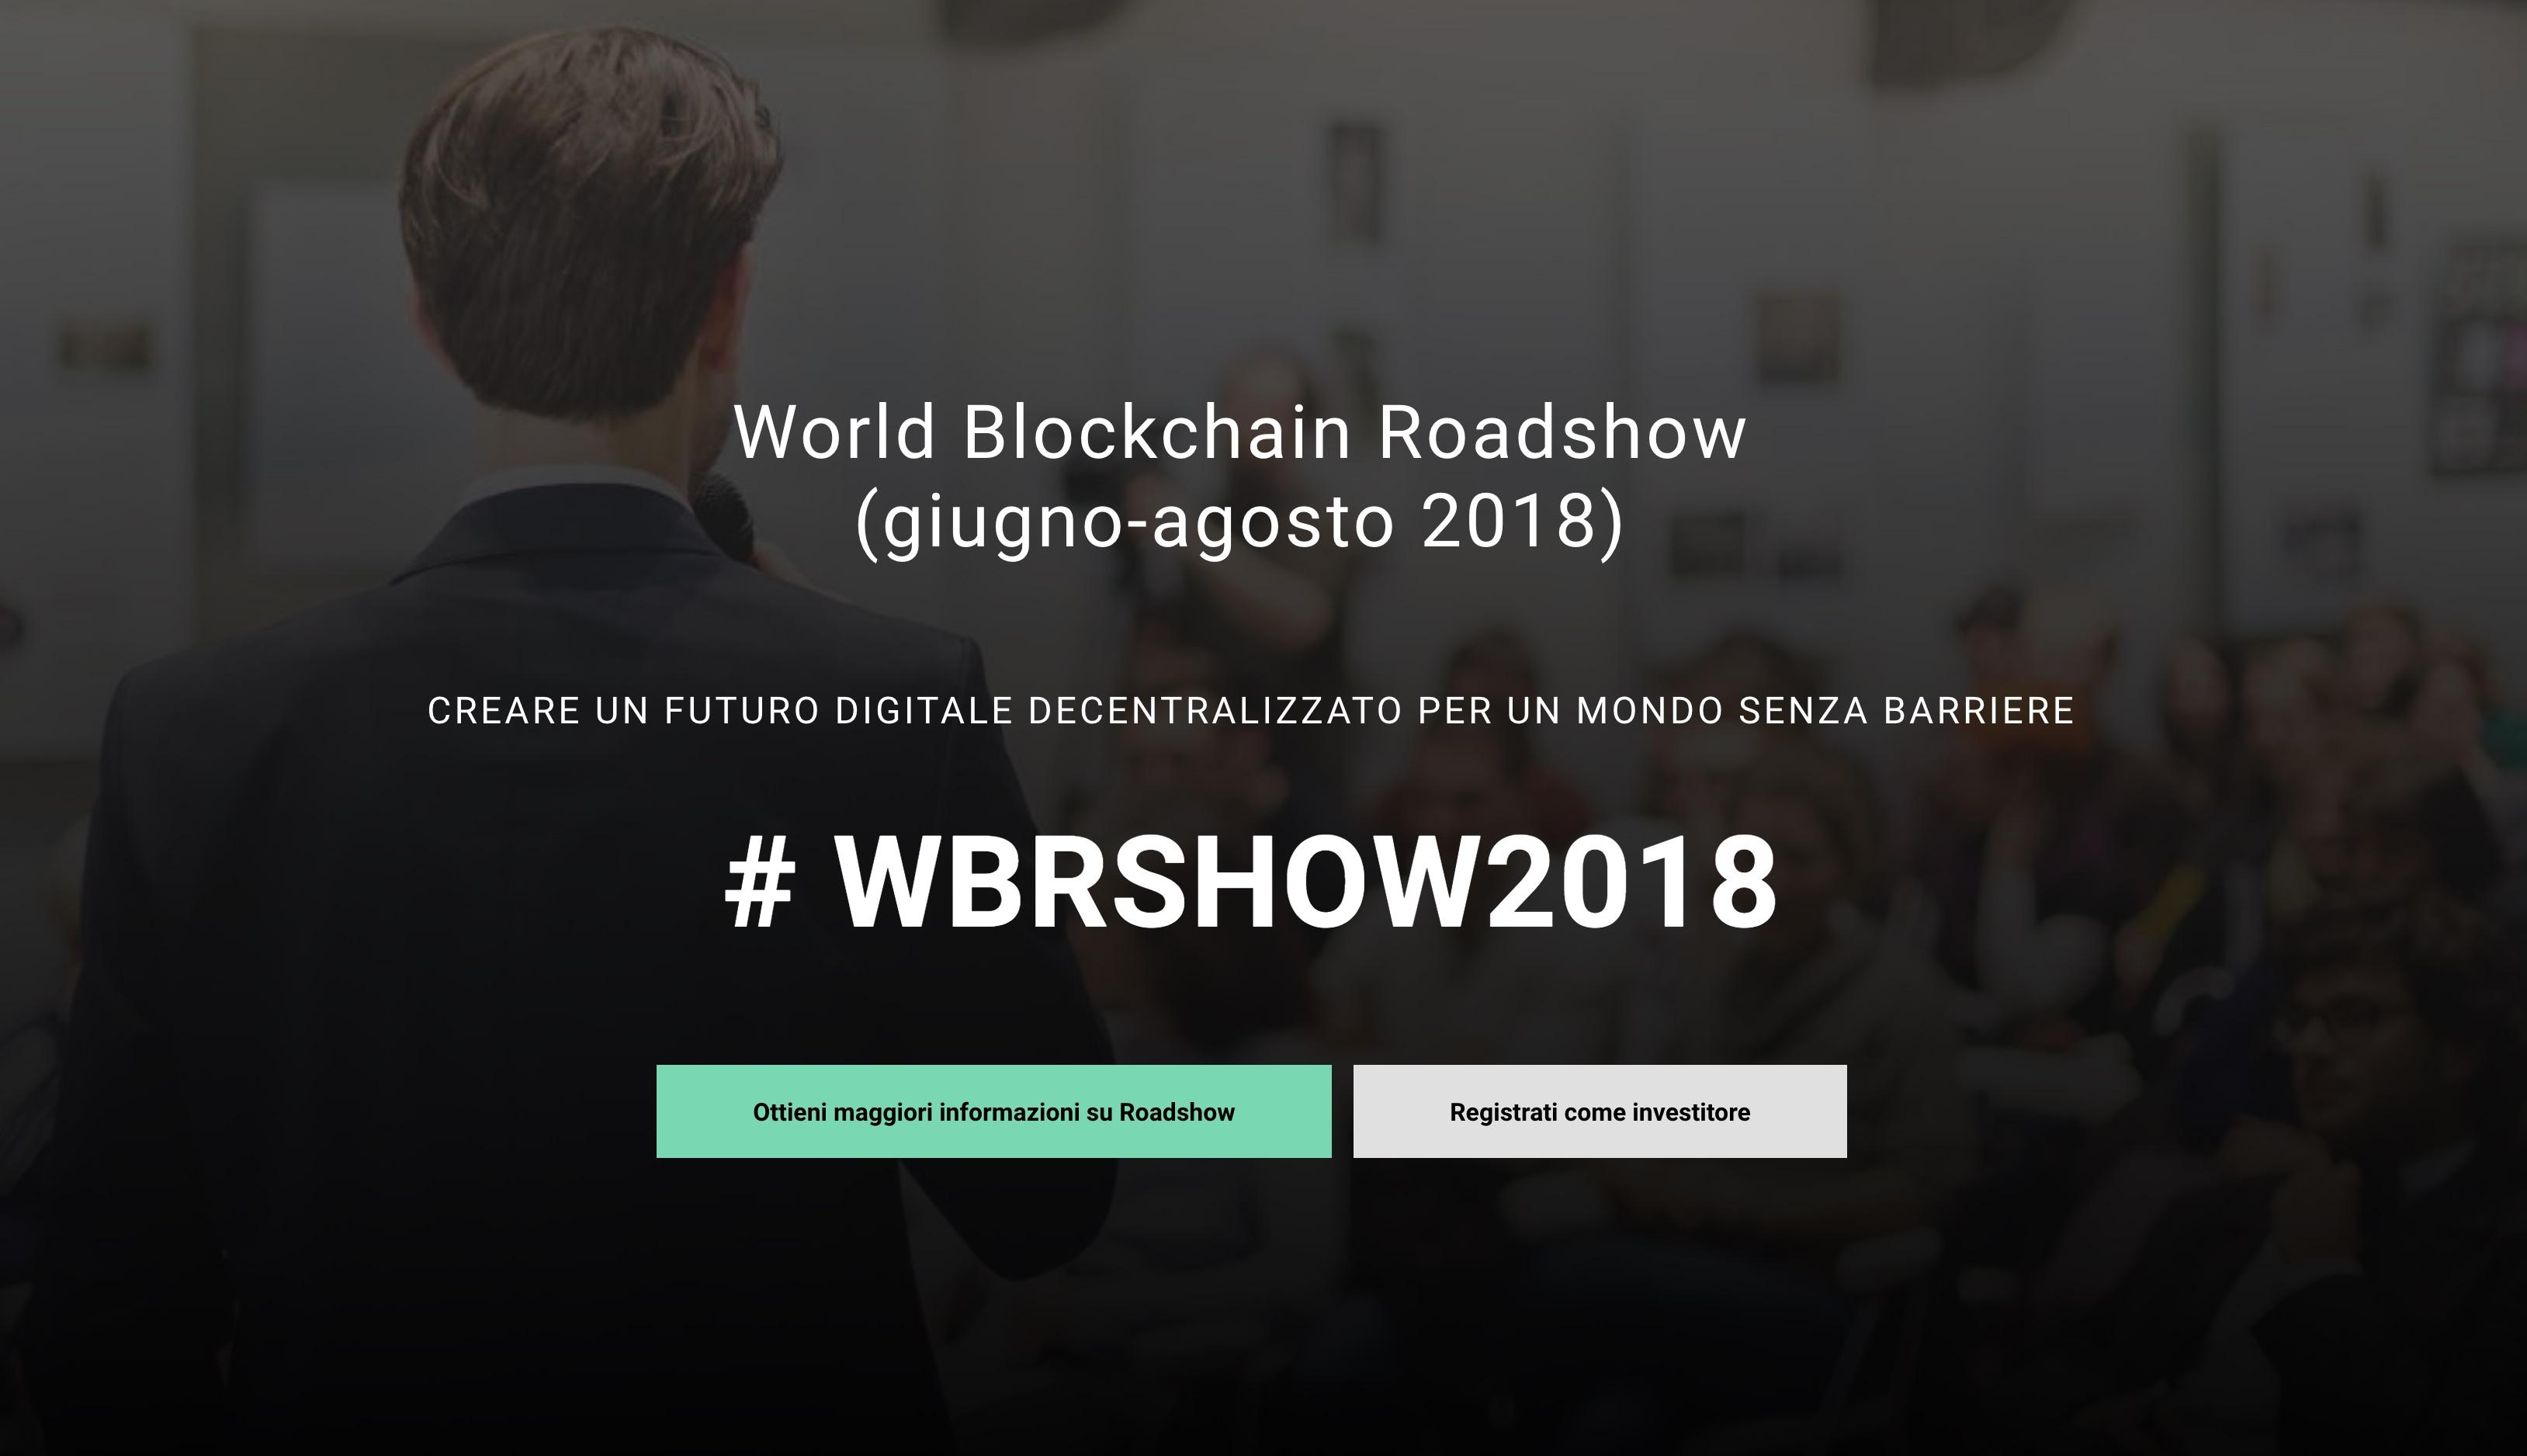 World Blockchain Roadshow attira investitori - World Blockchain Roadshow 2018 attira investitori in 20 città attraverso il pitching